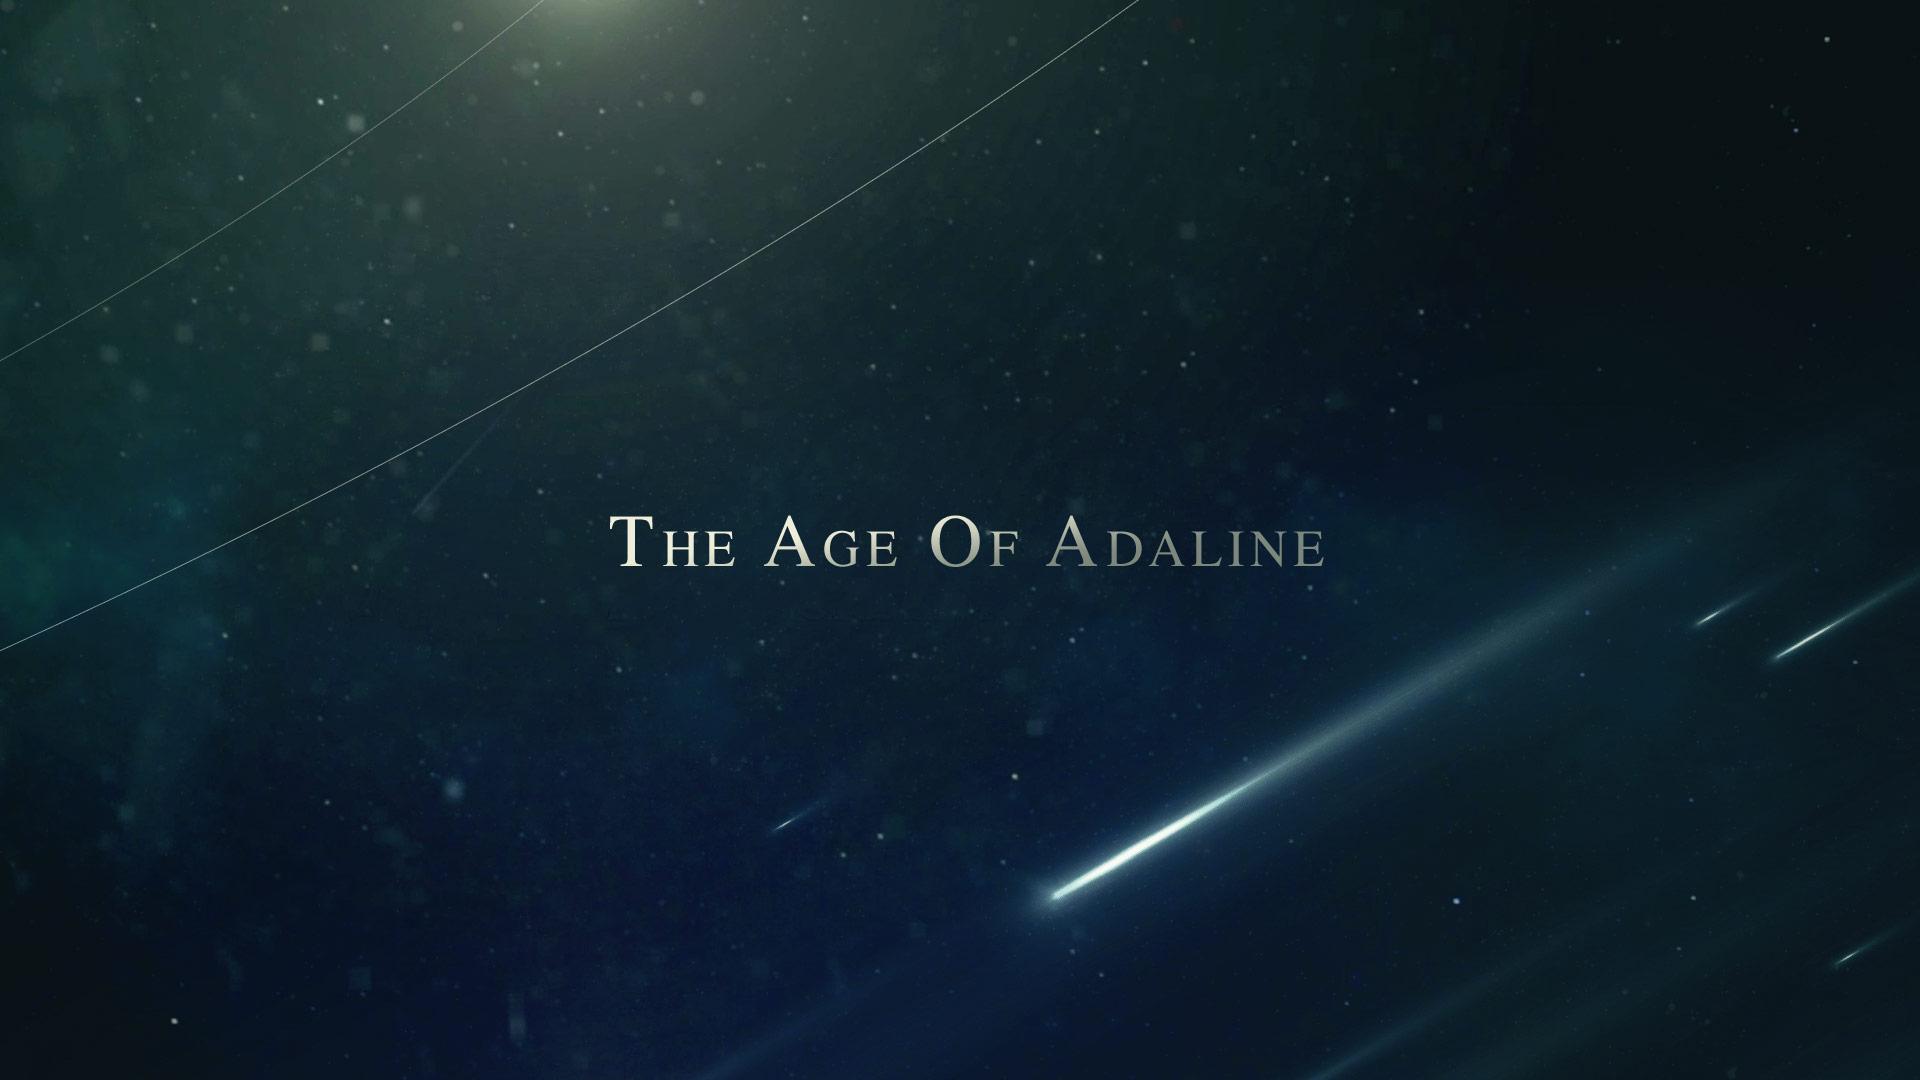 Adaline_Styleframes_07.jpg